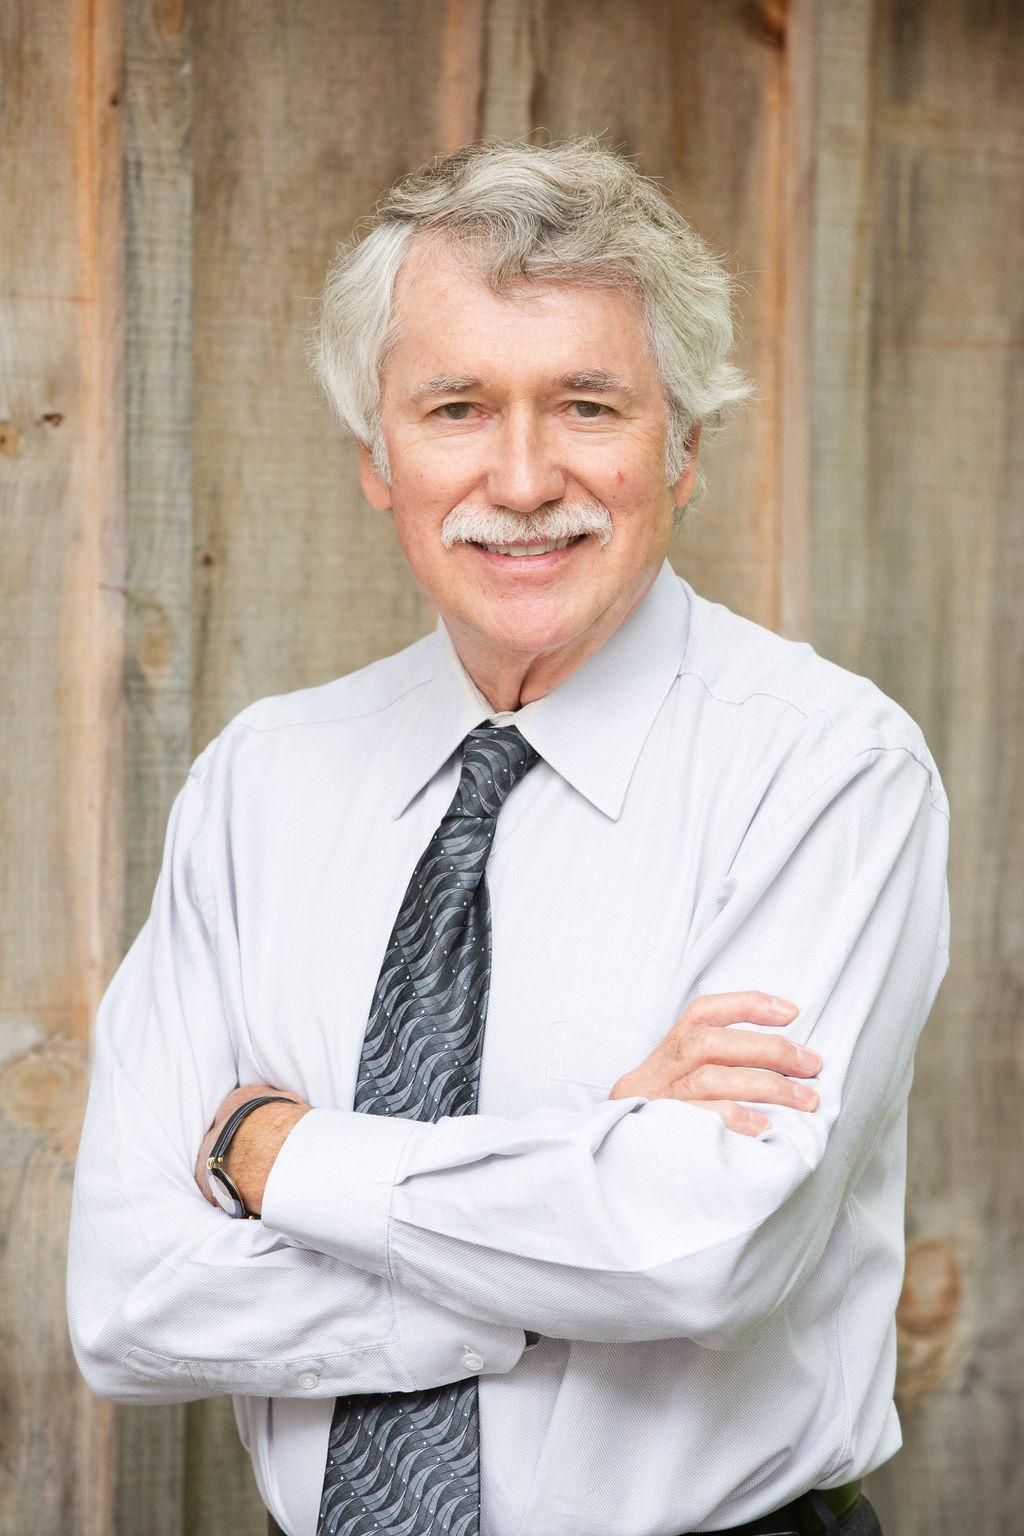 Dr. J. Scott Peaker - Read Bio